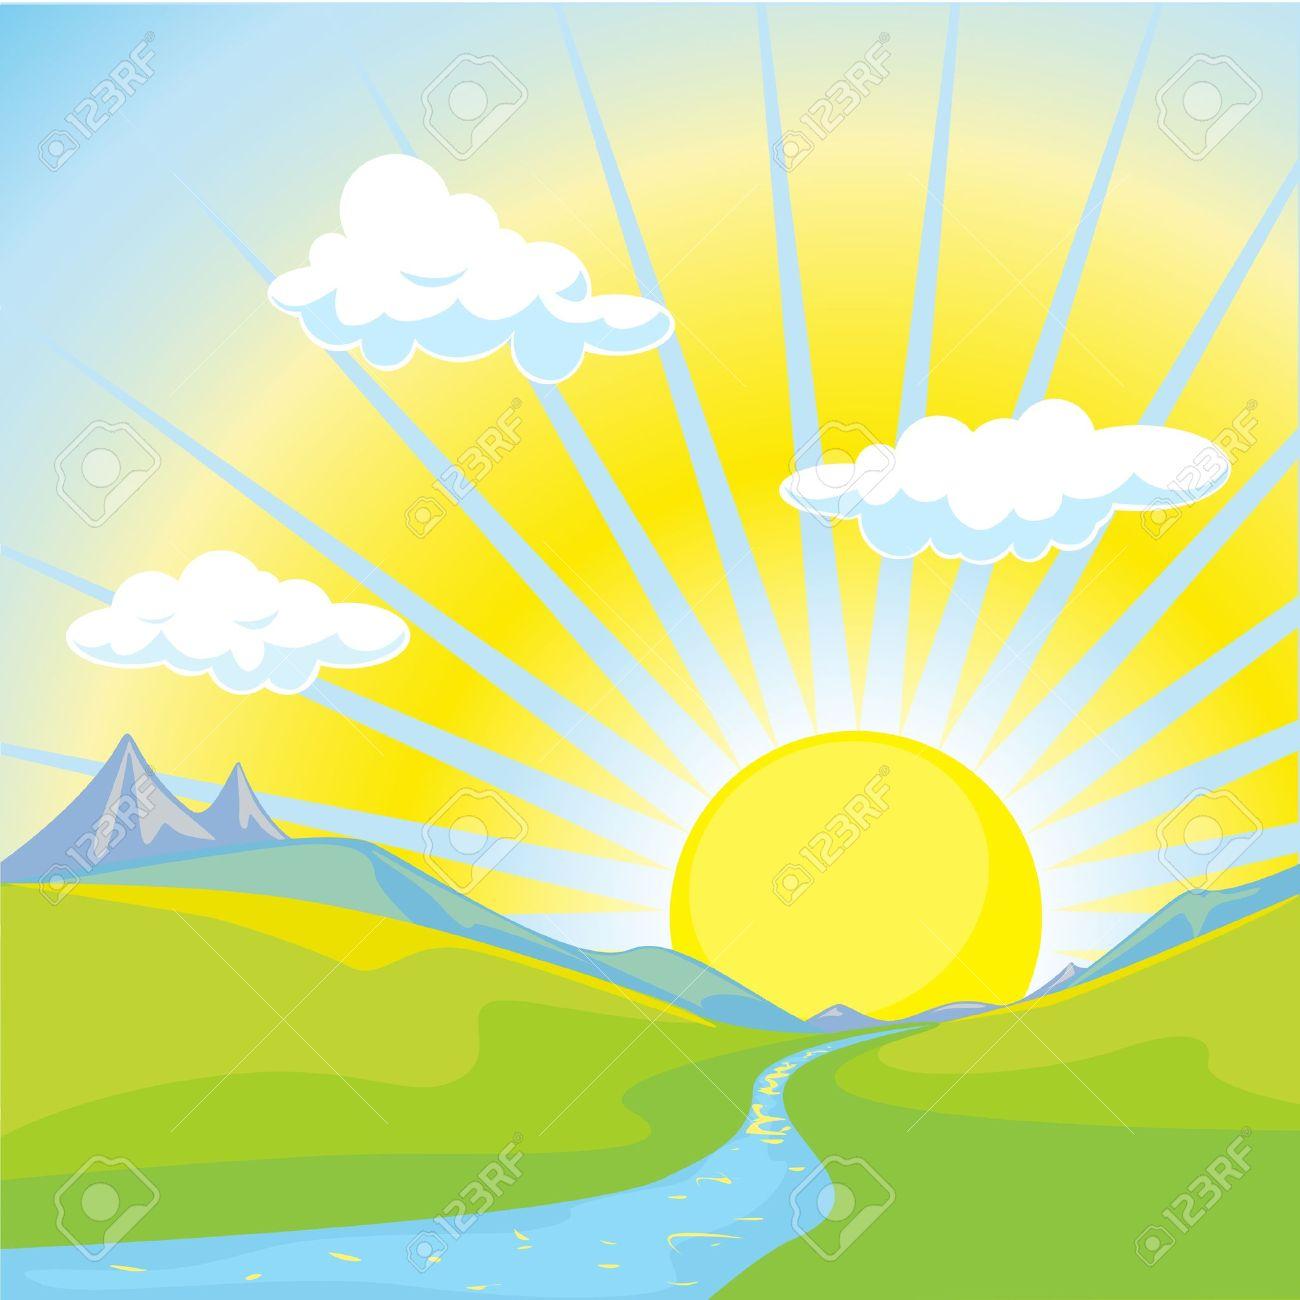 Free Sunrise Clipart Image